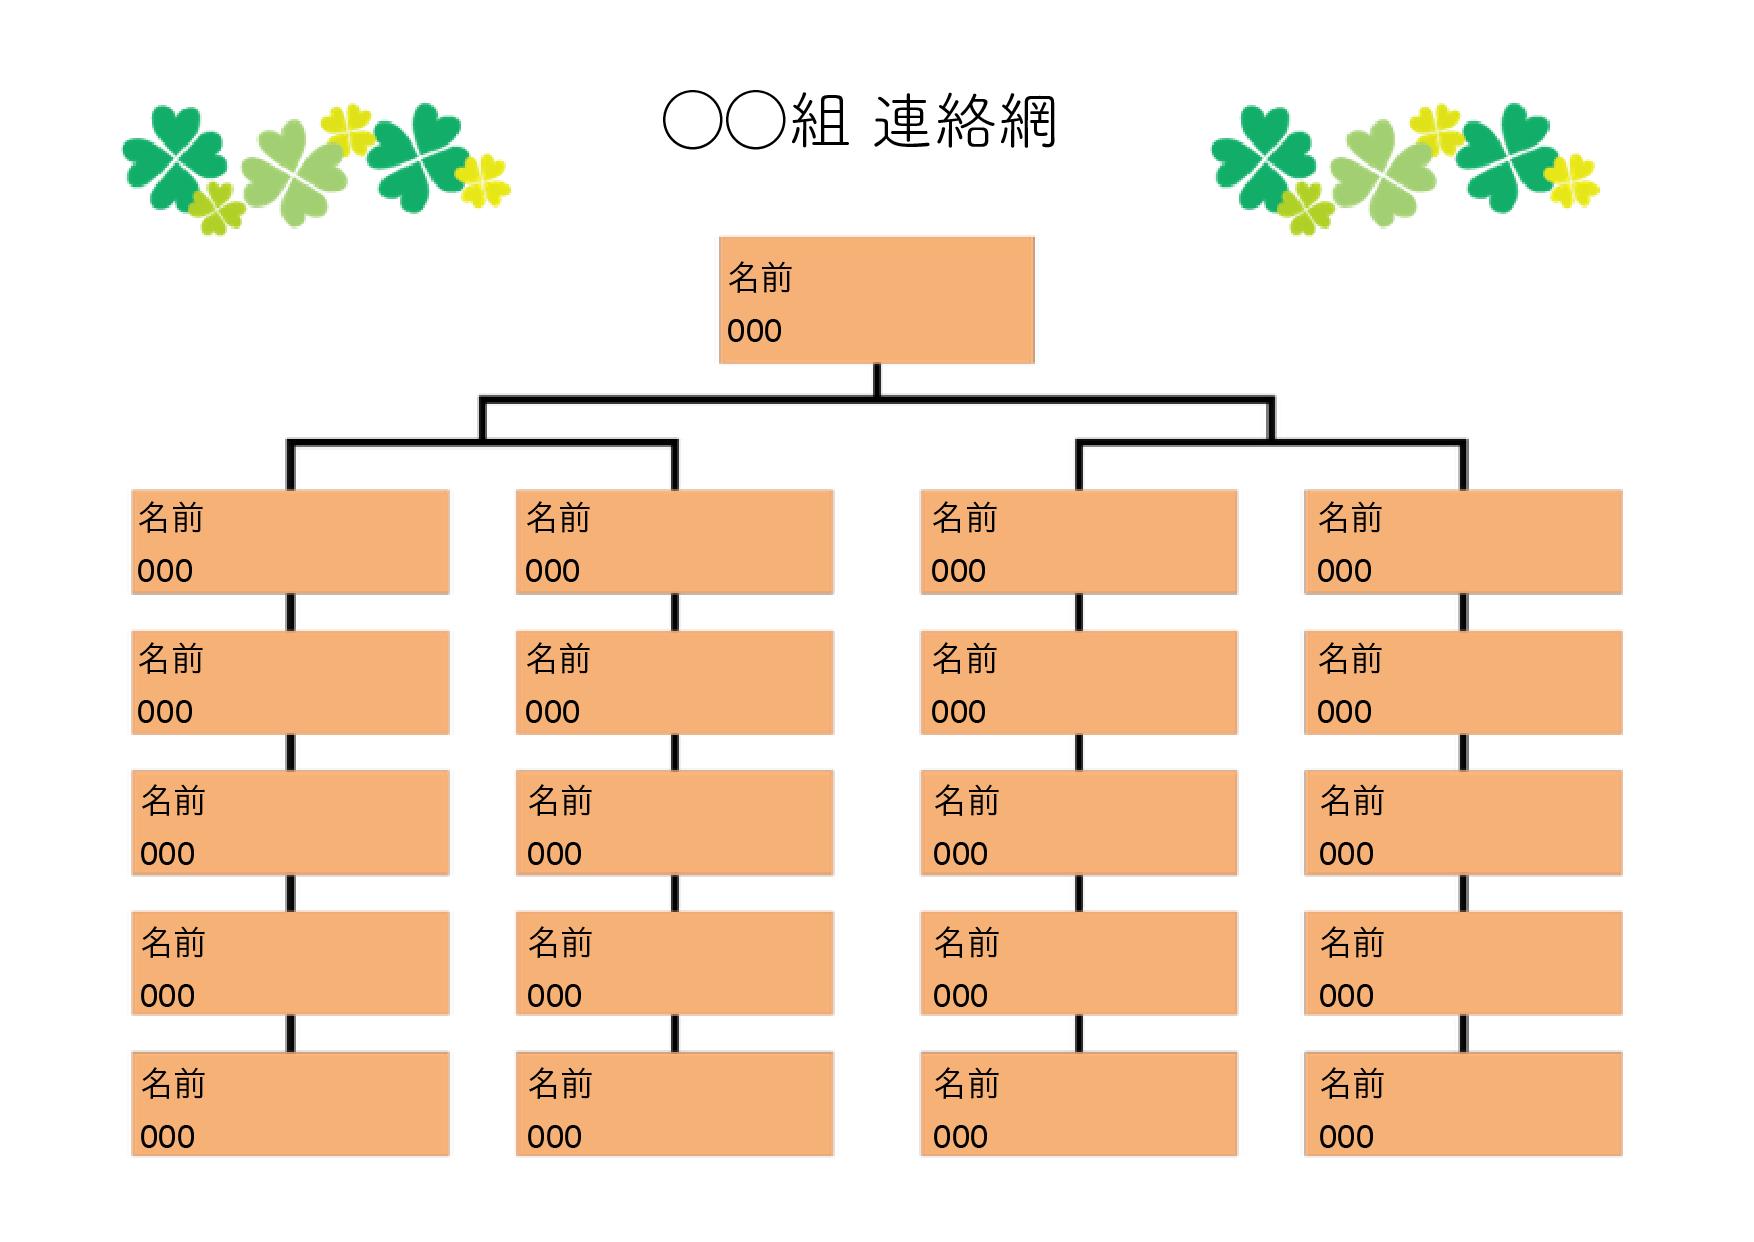 保育園・幼稚園用の連絡網 テンプレート 20人分+1人(大元)オレンジ(ワード・ページズ)